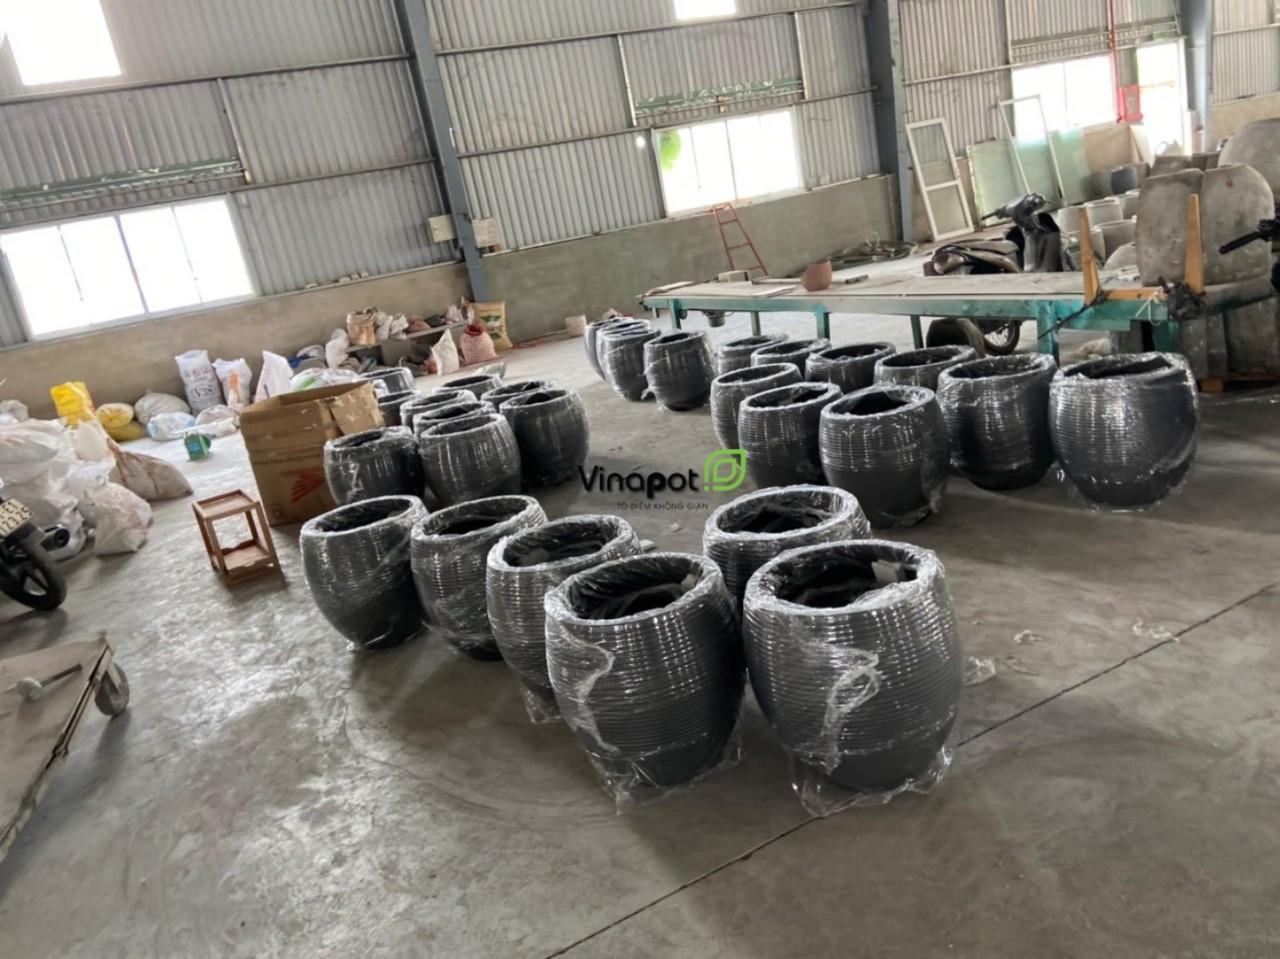 Xưởng sản xuất chậu xi măng nhẹ của Vinapot